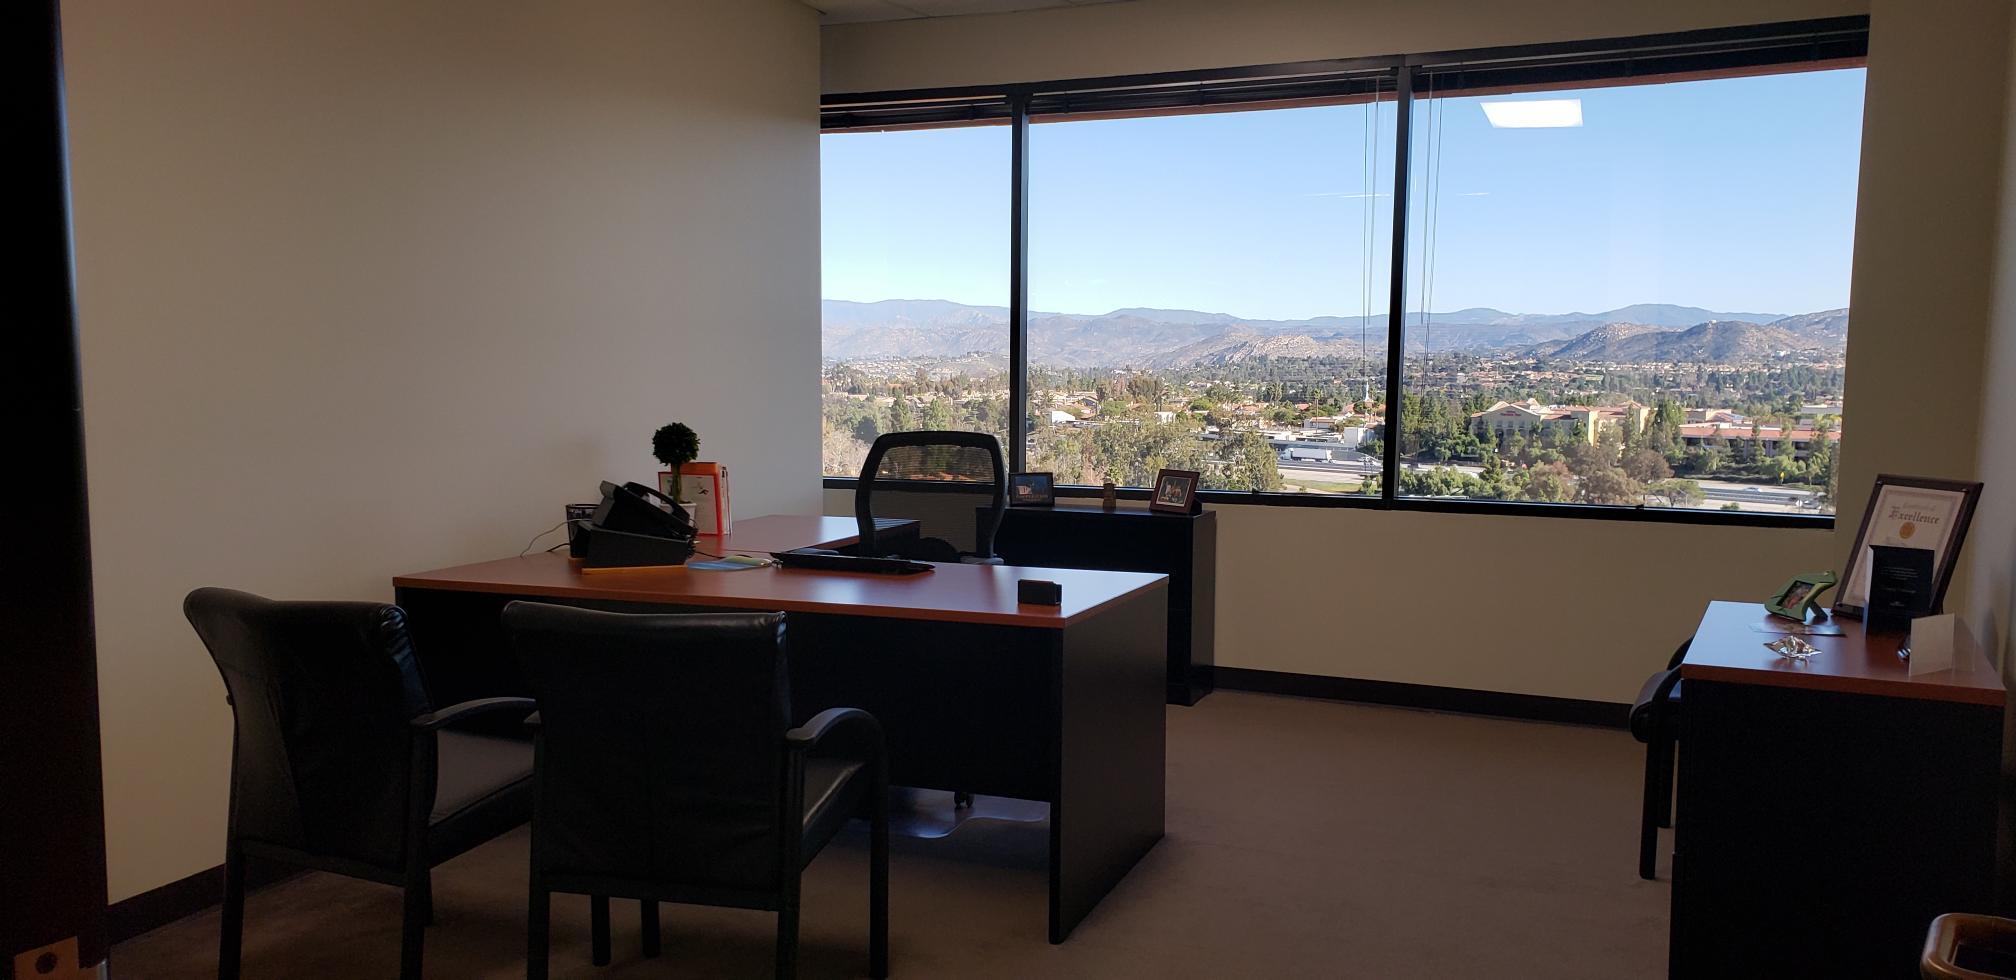 (RB1) Rancho Bernardo - Exterior Corner Office #339